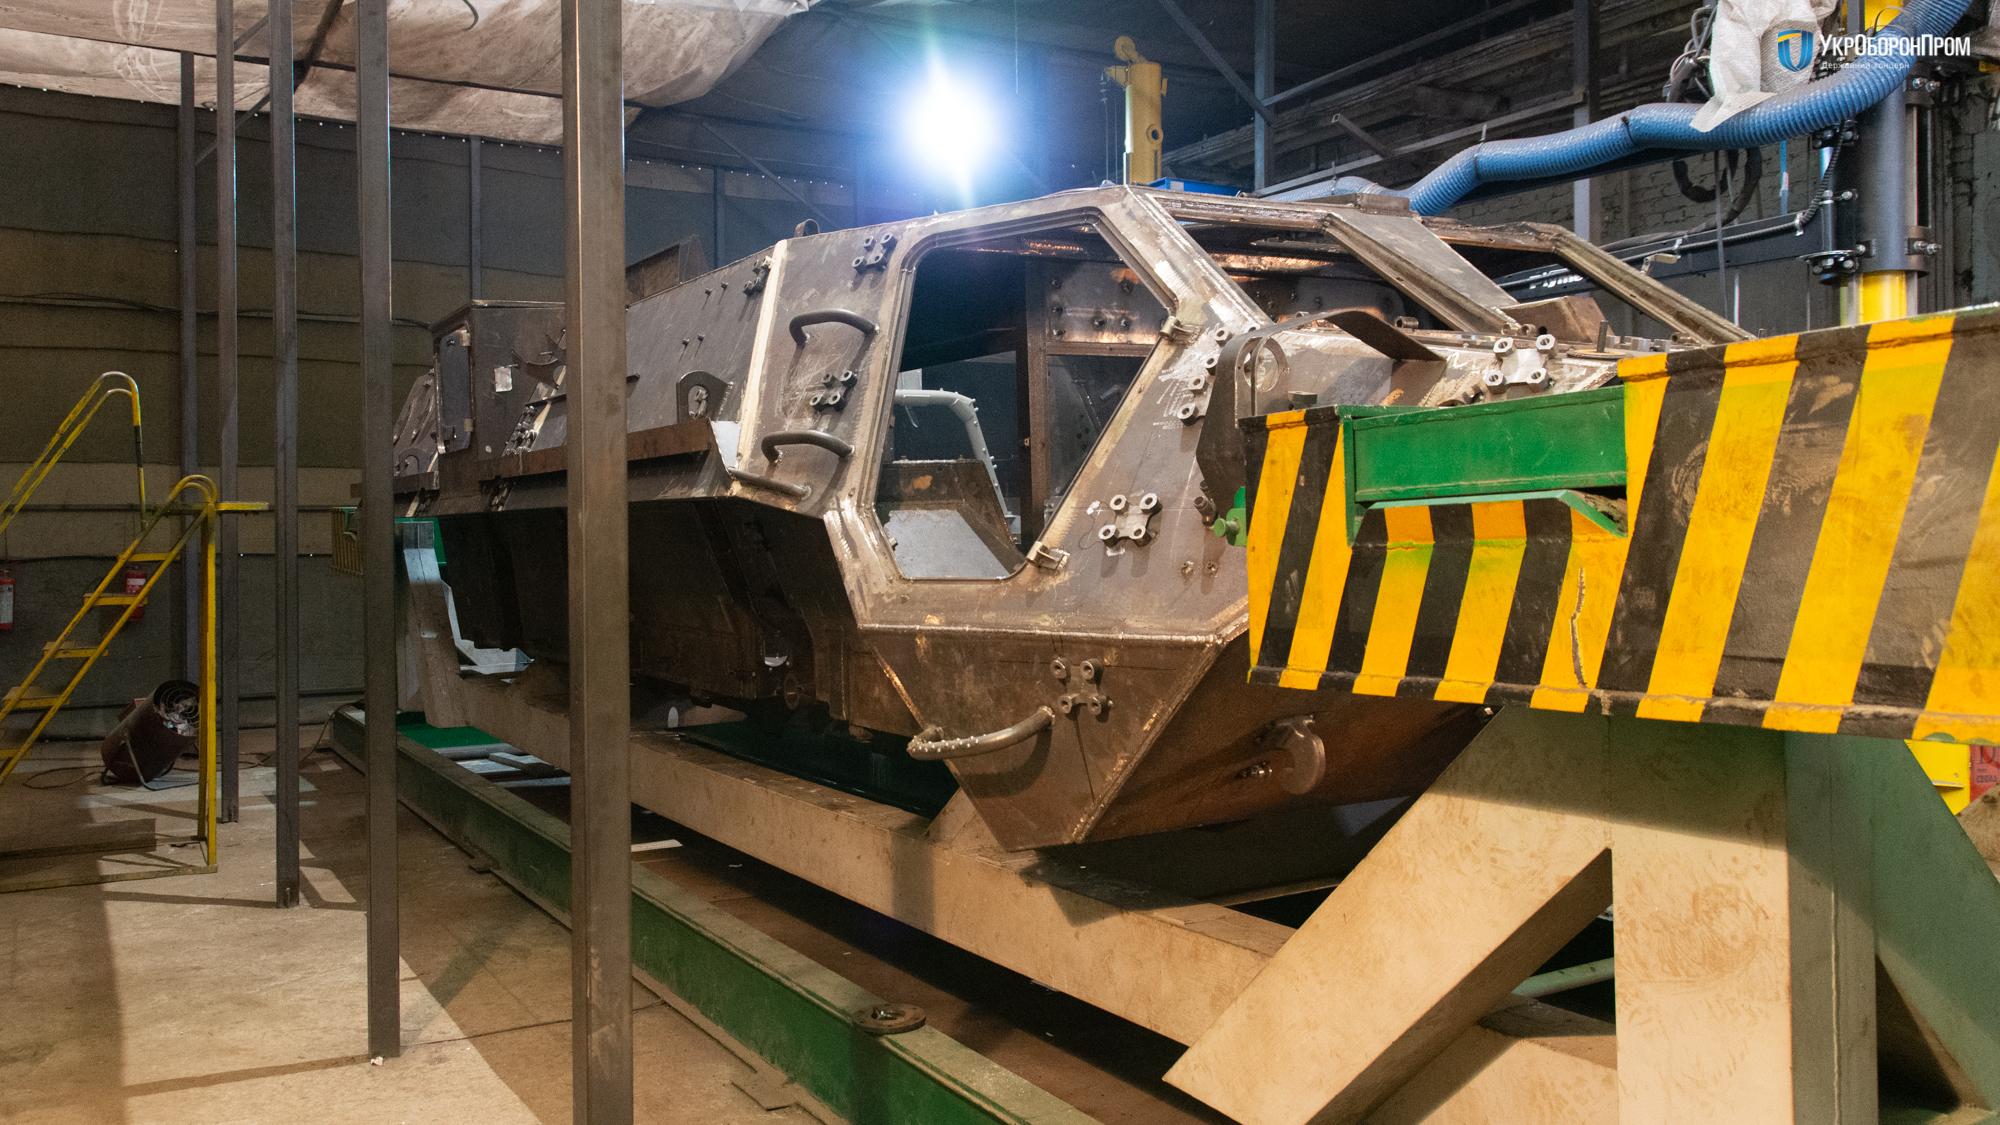 Продолжение скандалов вокруг производства украинского бронетранспортера БТР-4